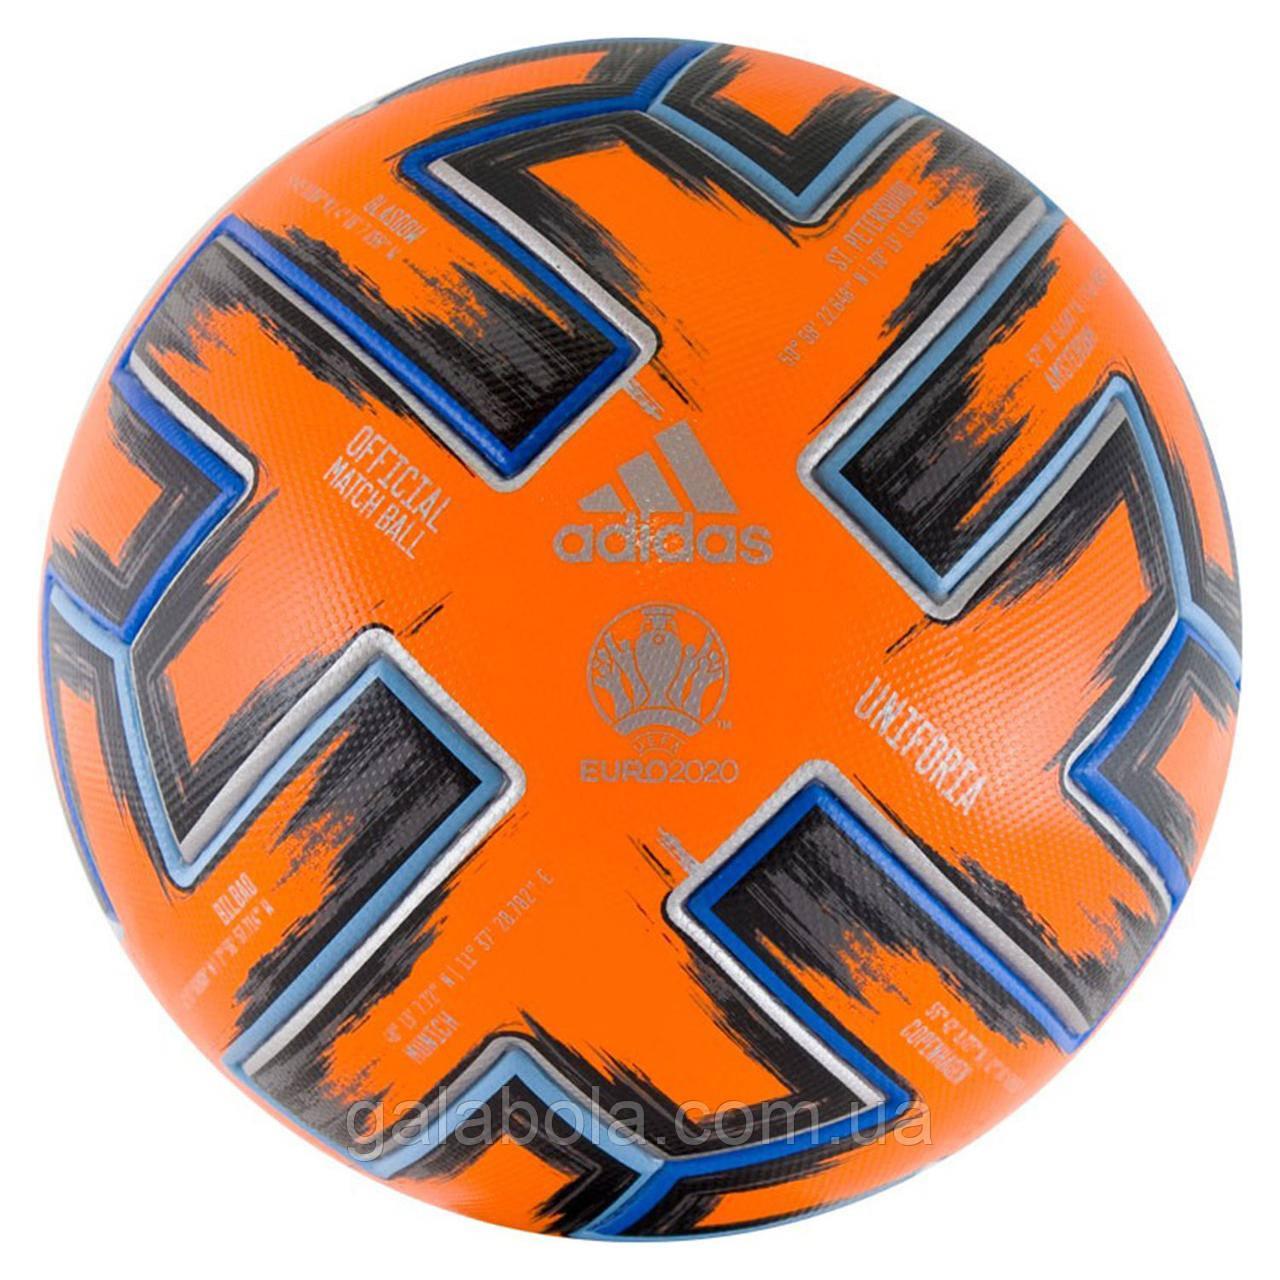 Мяч футбольный Adidas Uniforia Winter Euro 2020 OMB FH7360 (размер 5)